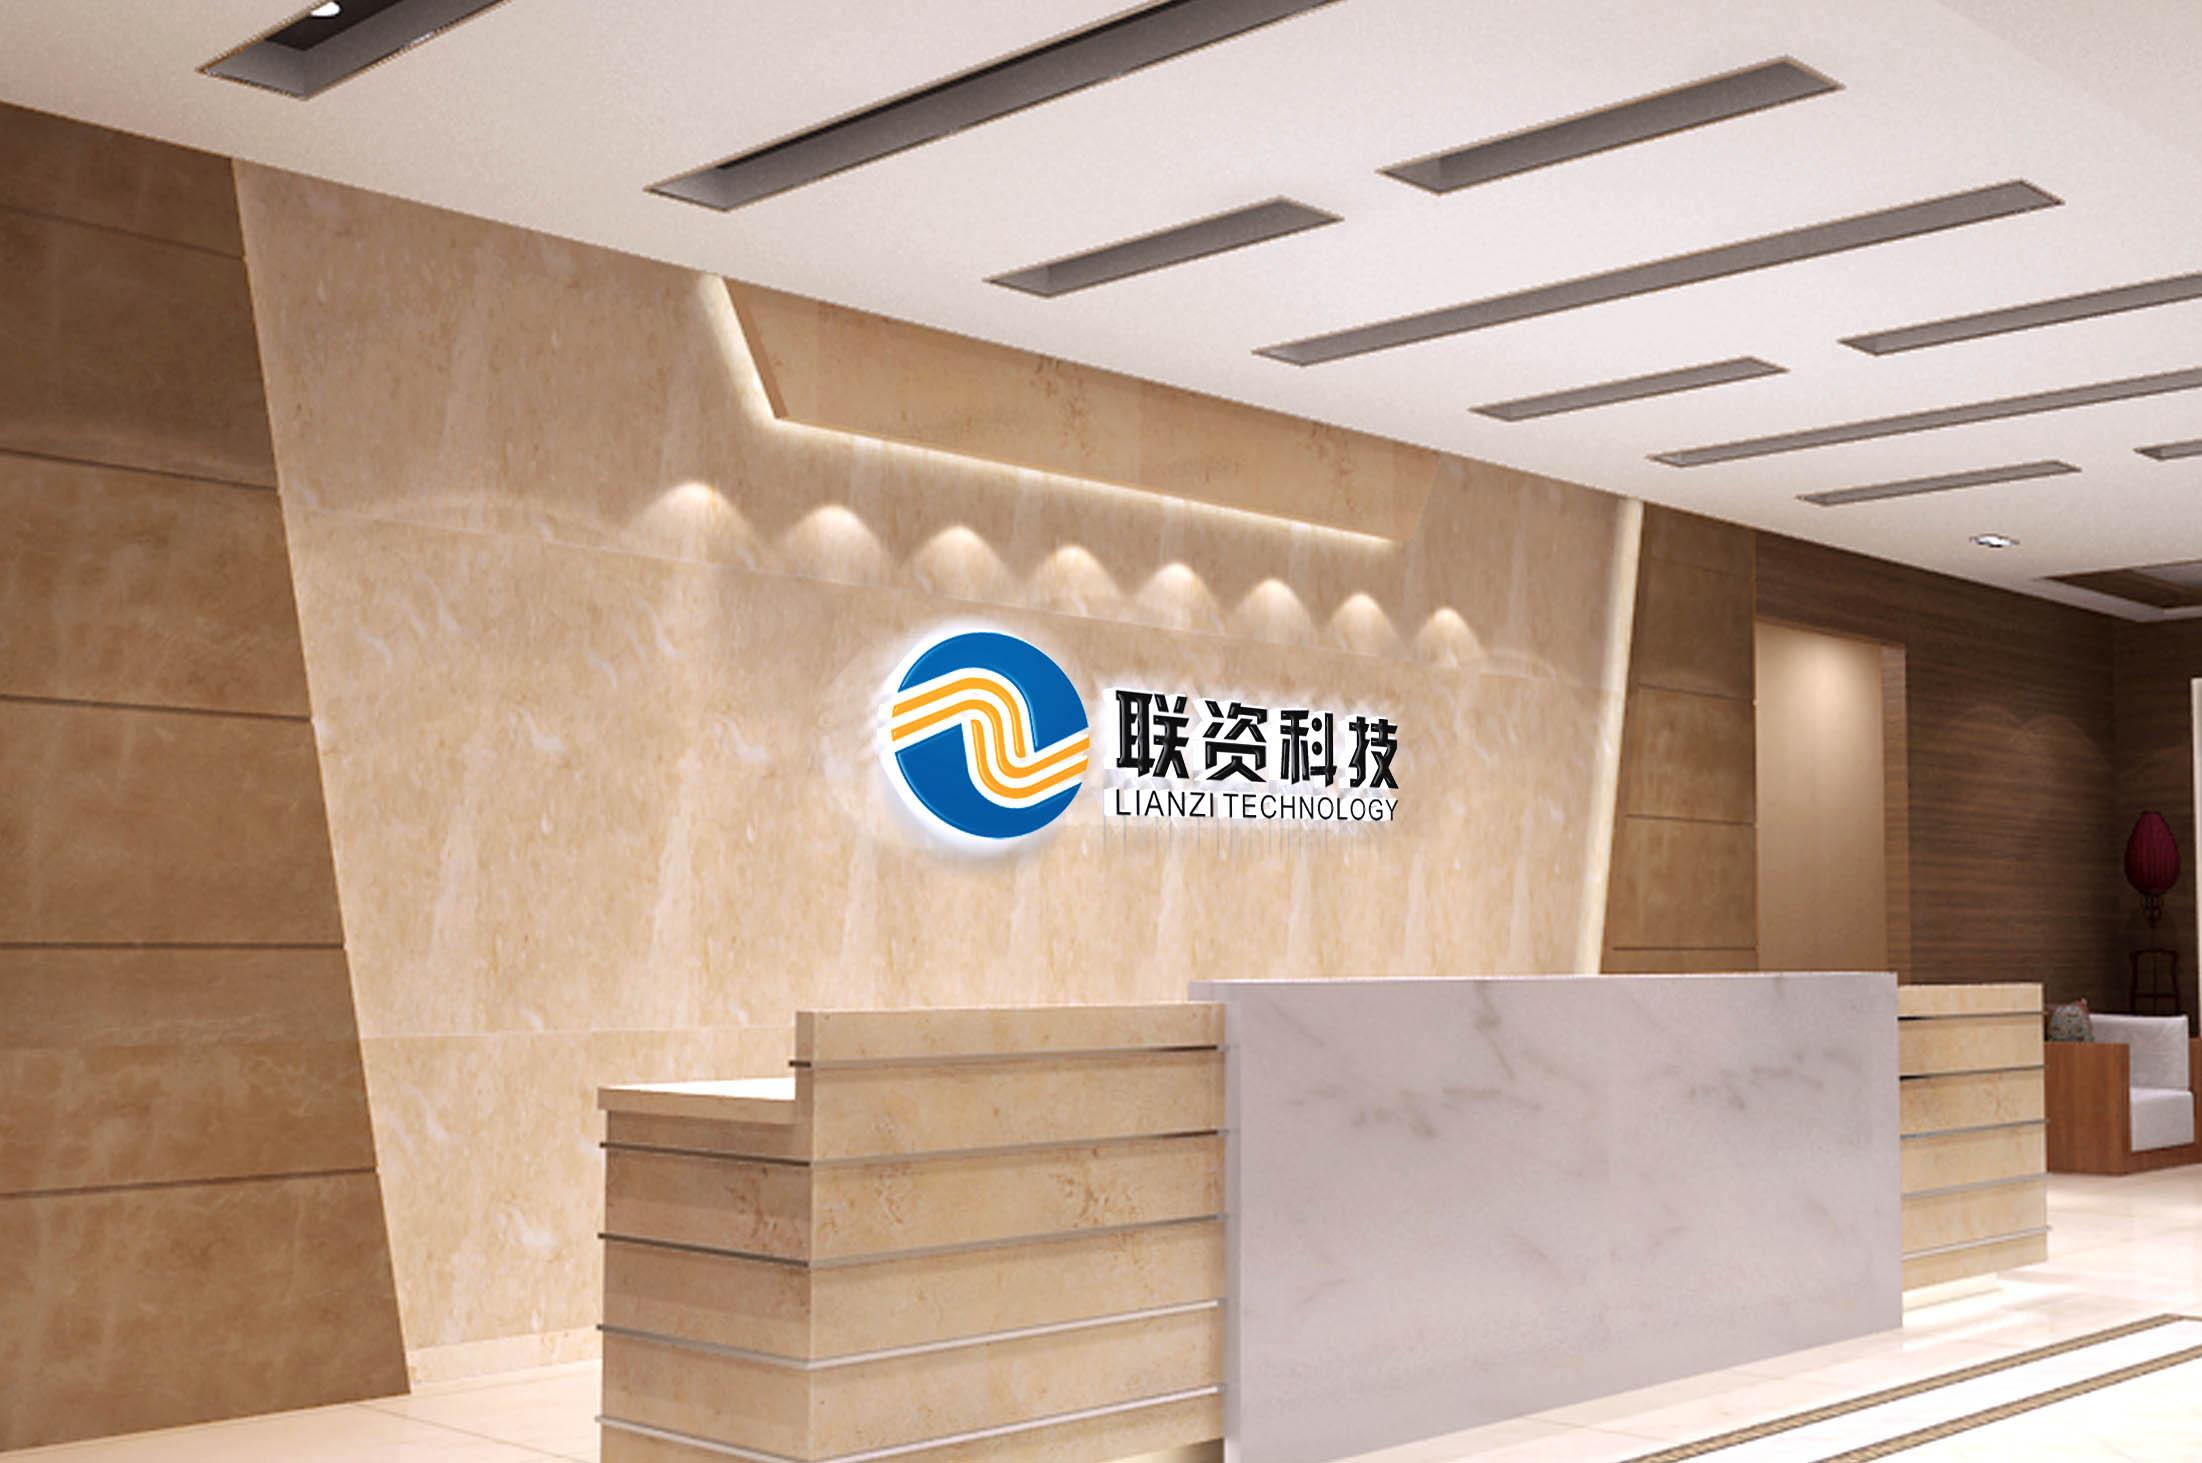 石化行业公司Logo设计_2963283_k68威客网